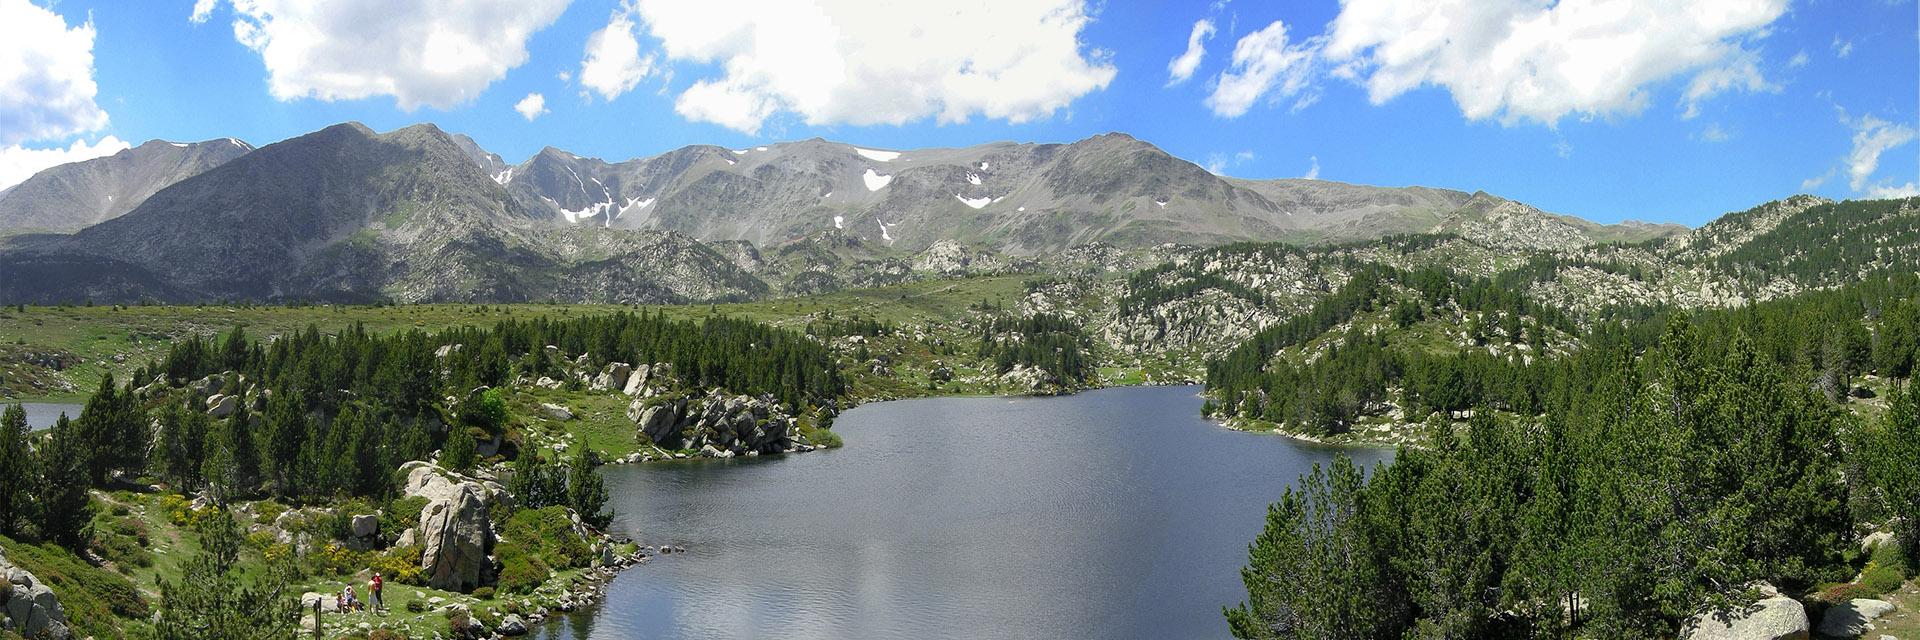 Votre séjour en groupe dans les Pyrénées